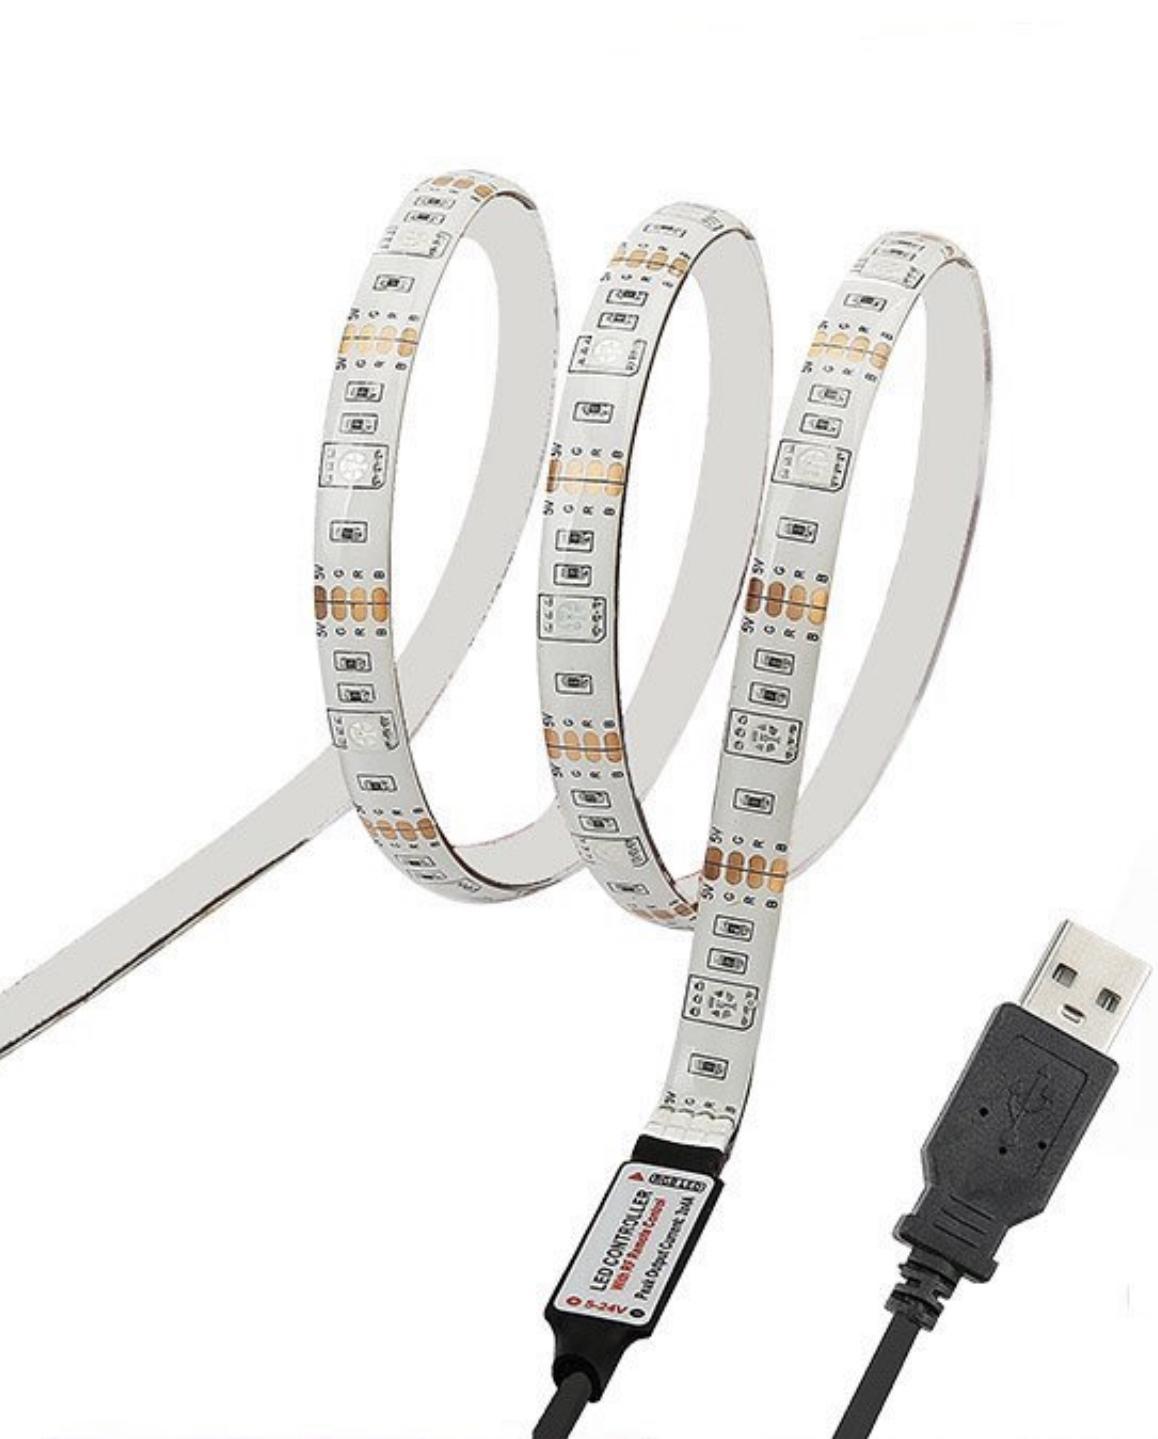 Yıldız Tarzı Işık LED Şerit Işıkları RGB 16.4FT / 5 M SMD 5050 DC12V Esnek Les Şeritler Işıklar 50LED / Metre 16 Sonfferent Static Renkler